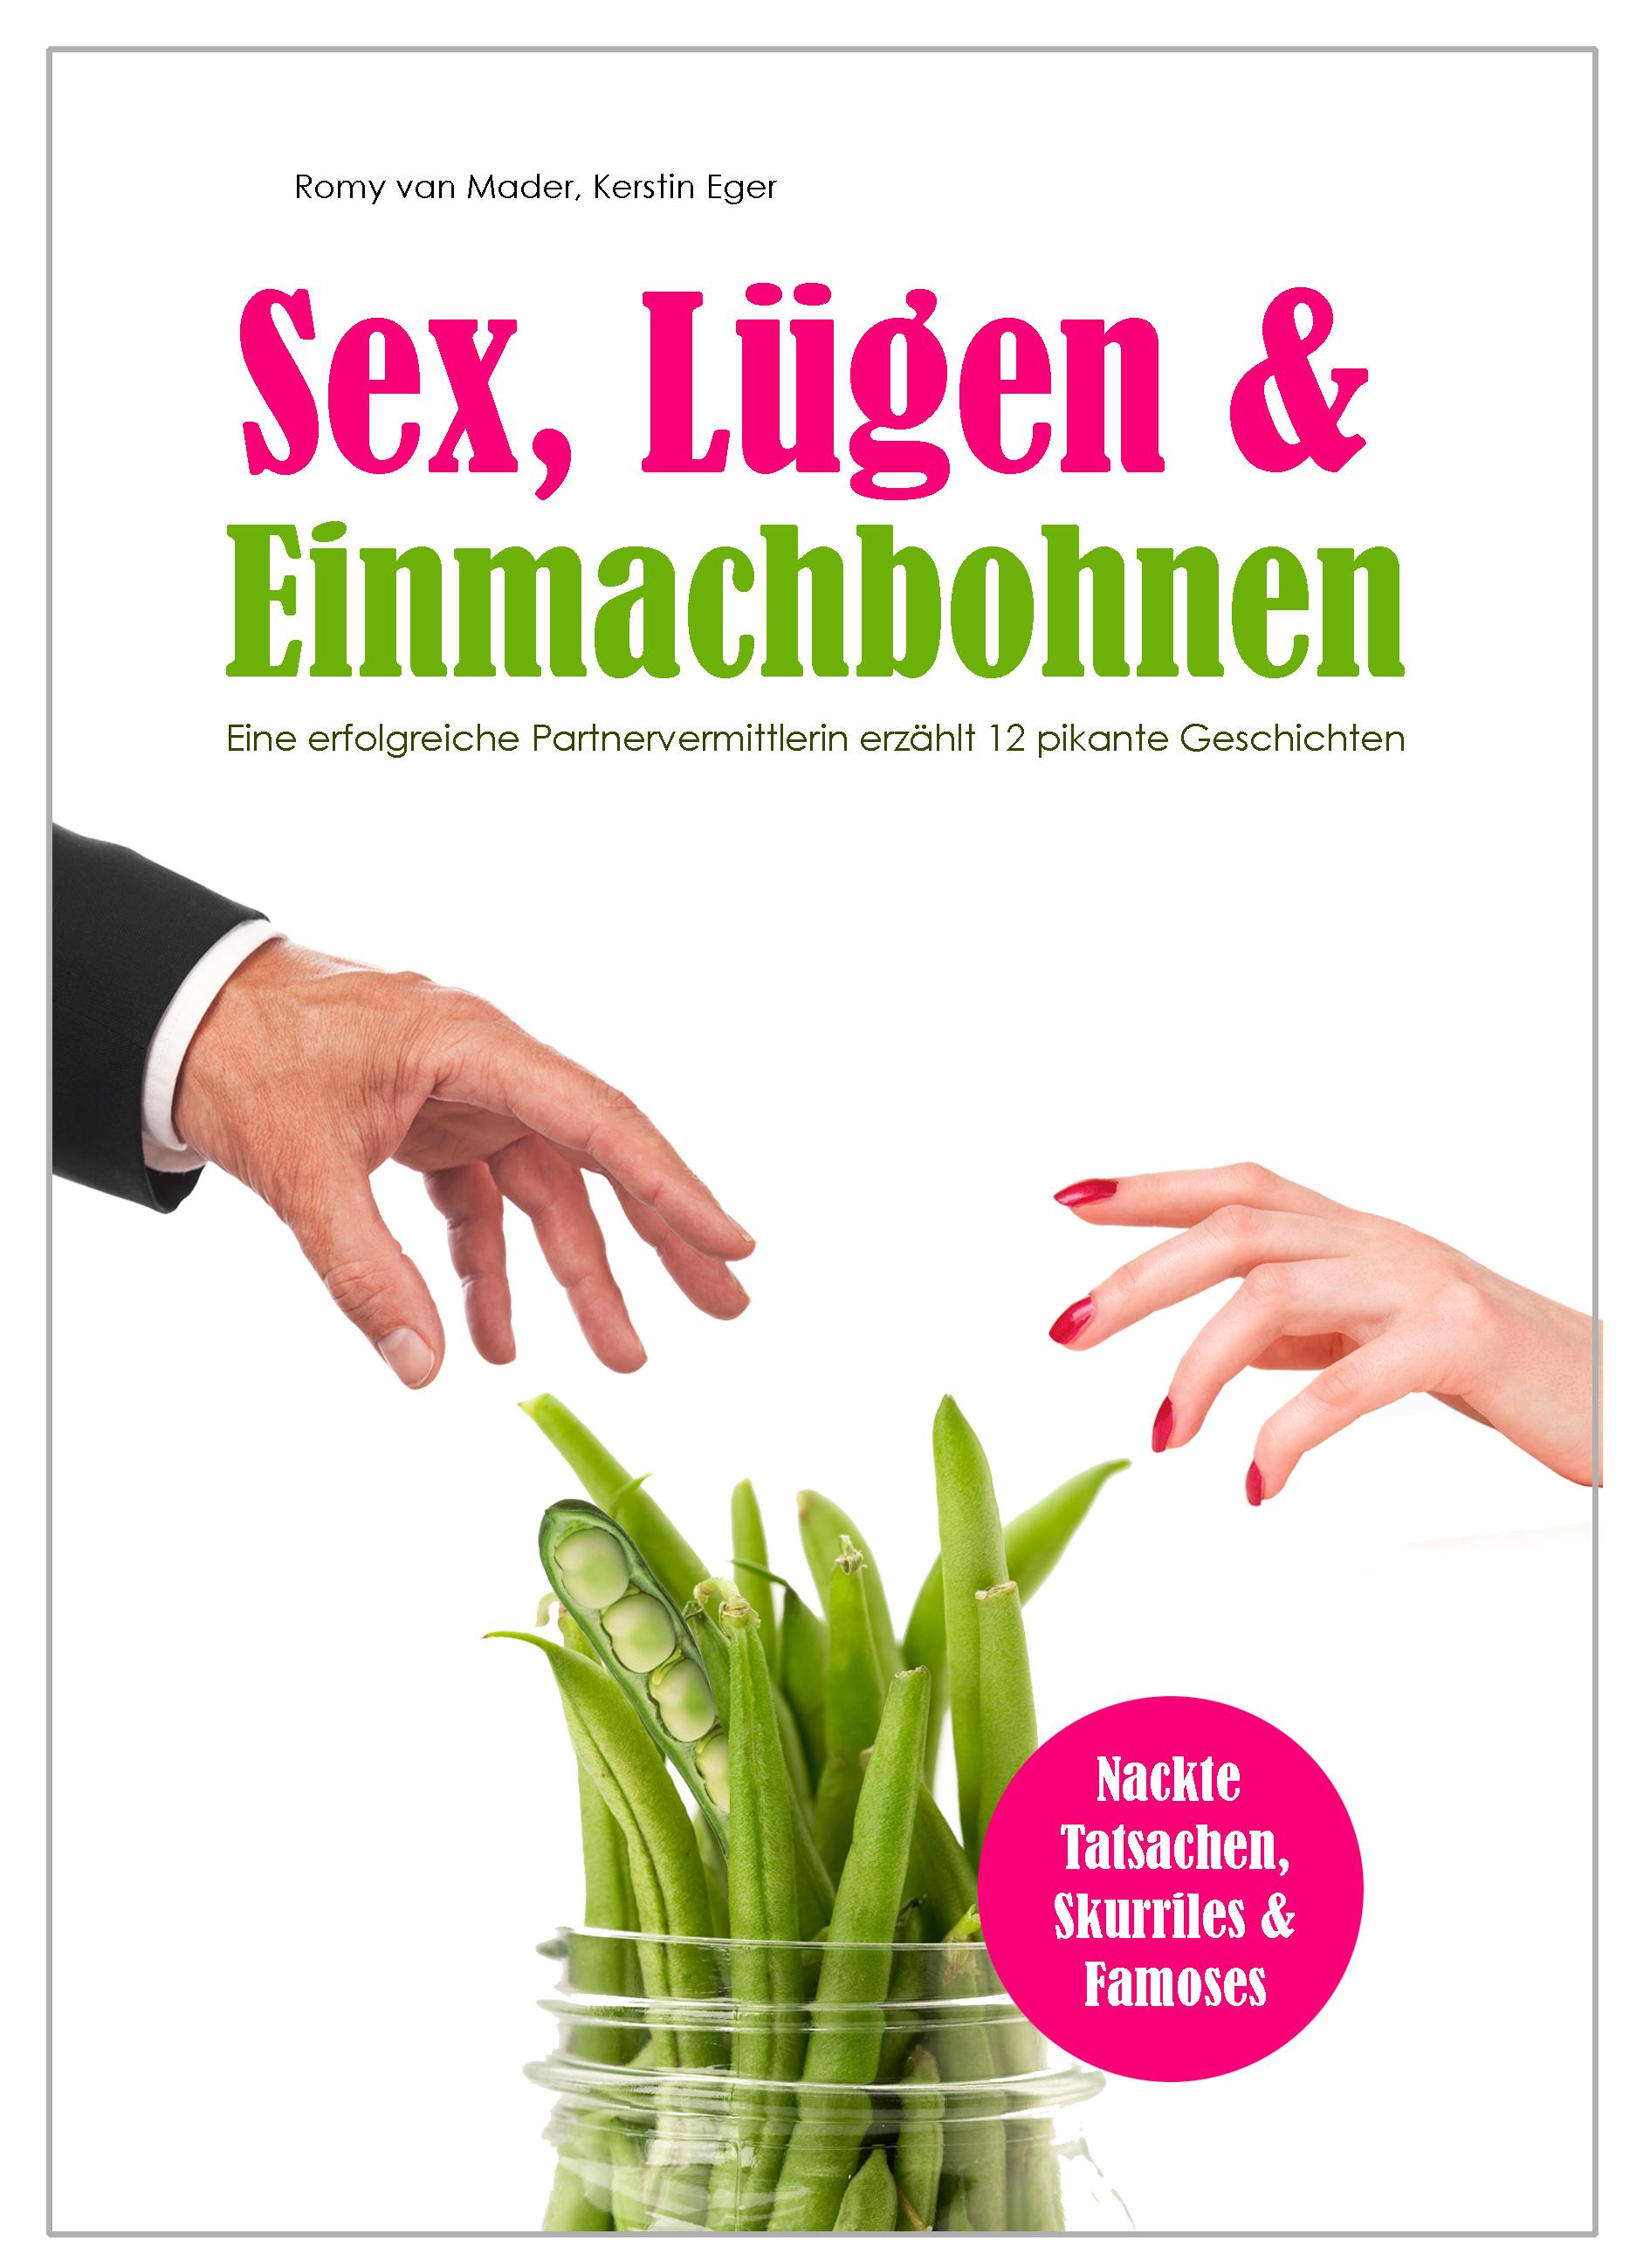 sex, lügen und einmachbohnen HD COVER romy van mader kerstin eger PVA